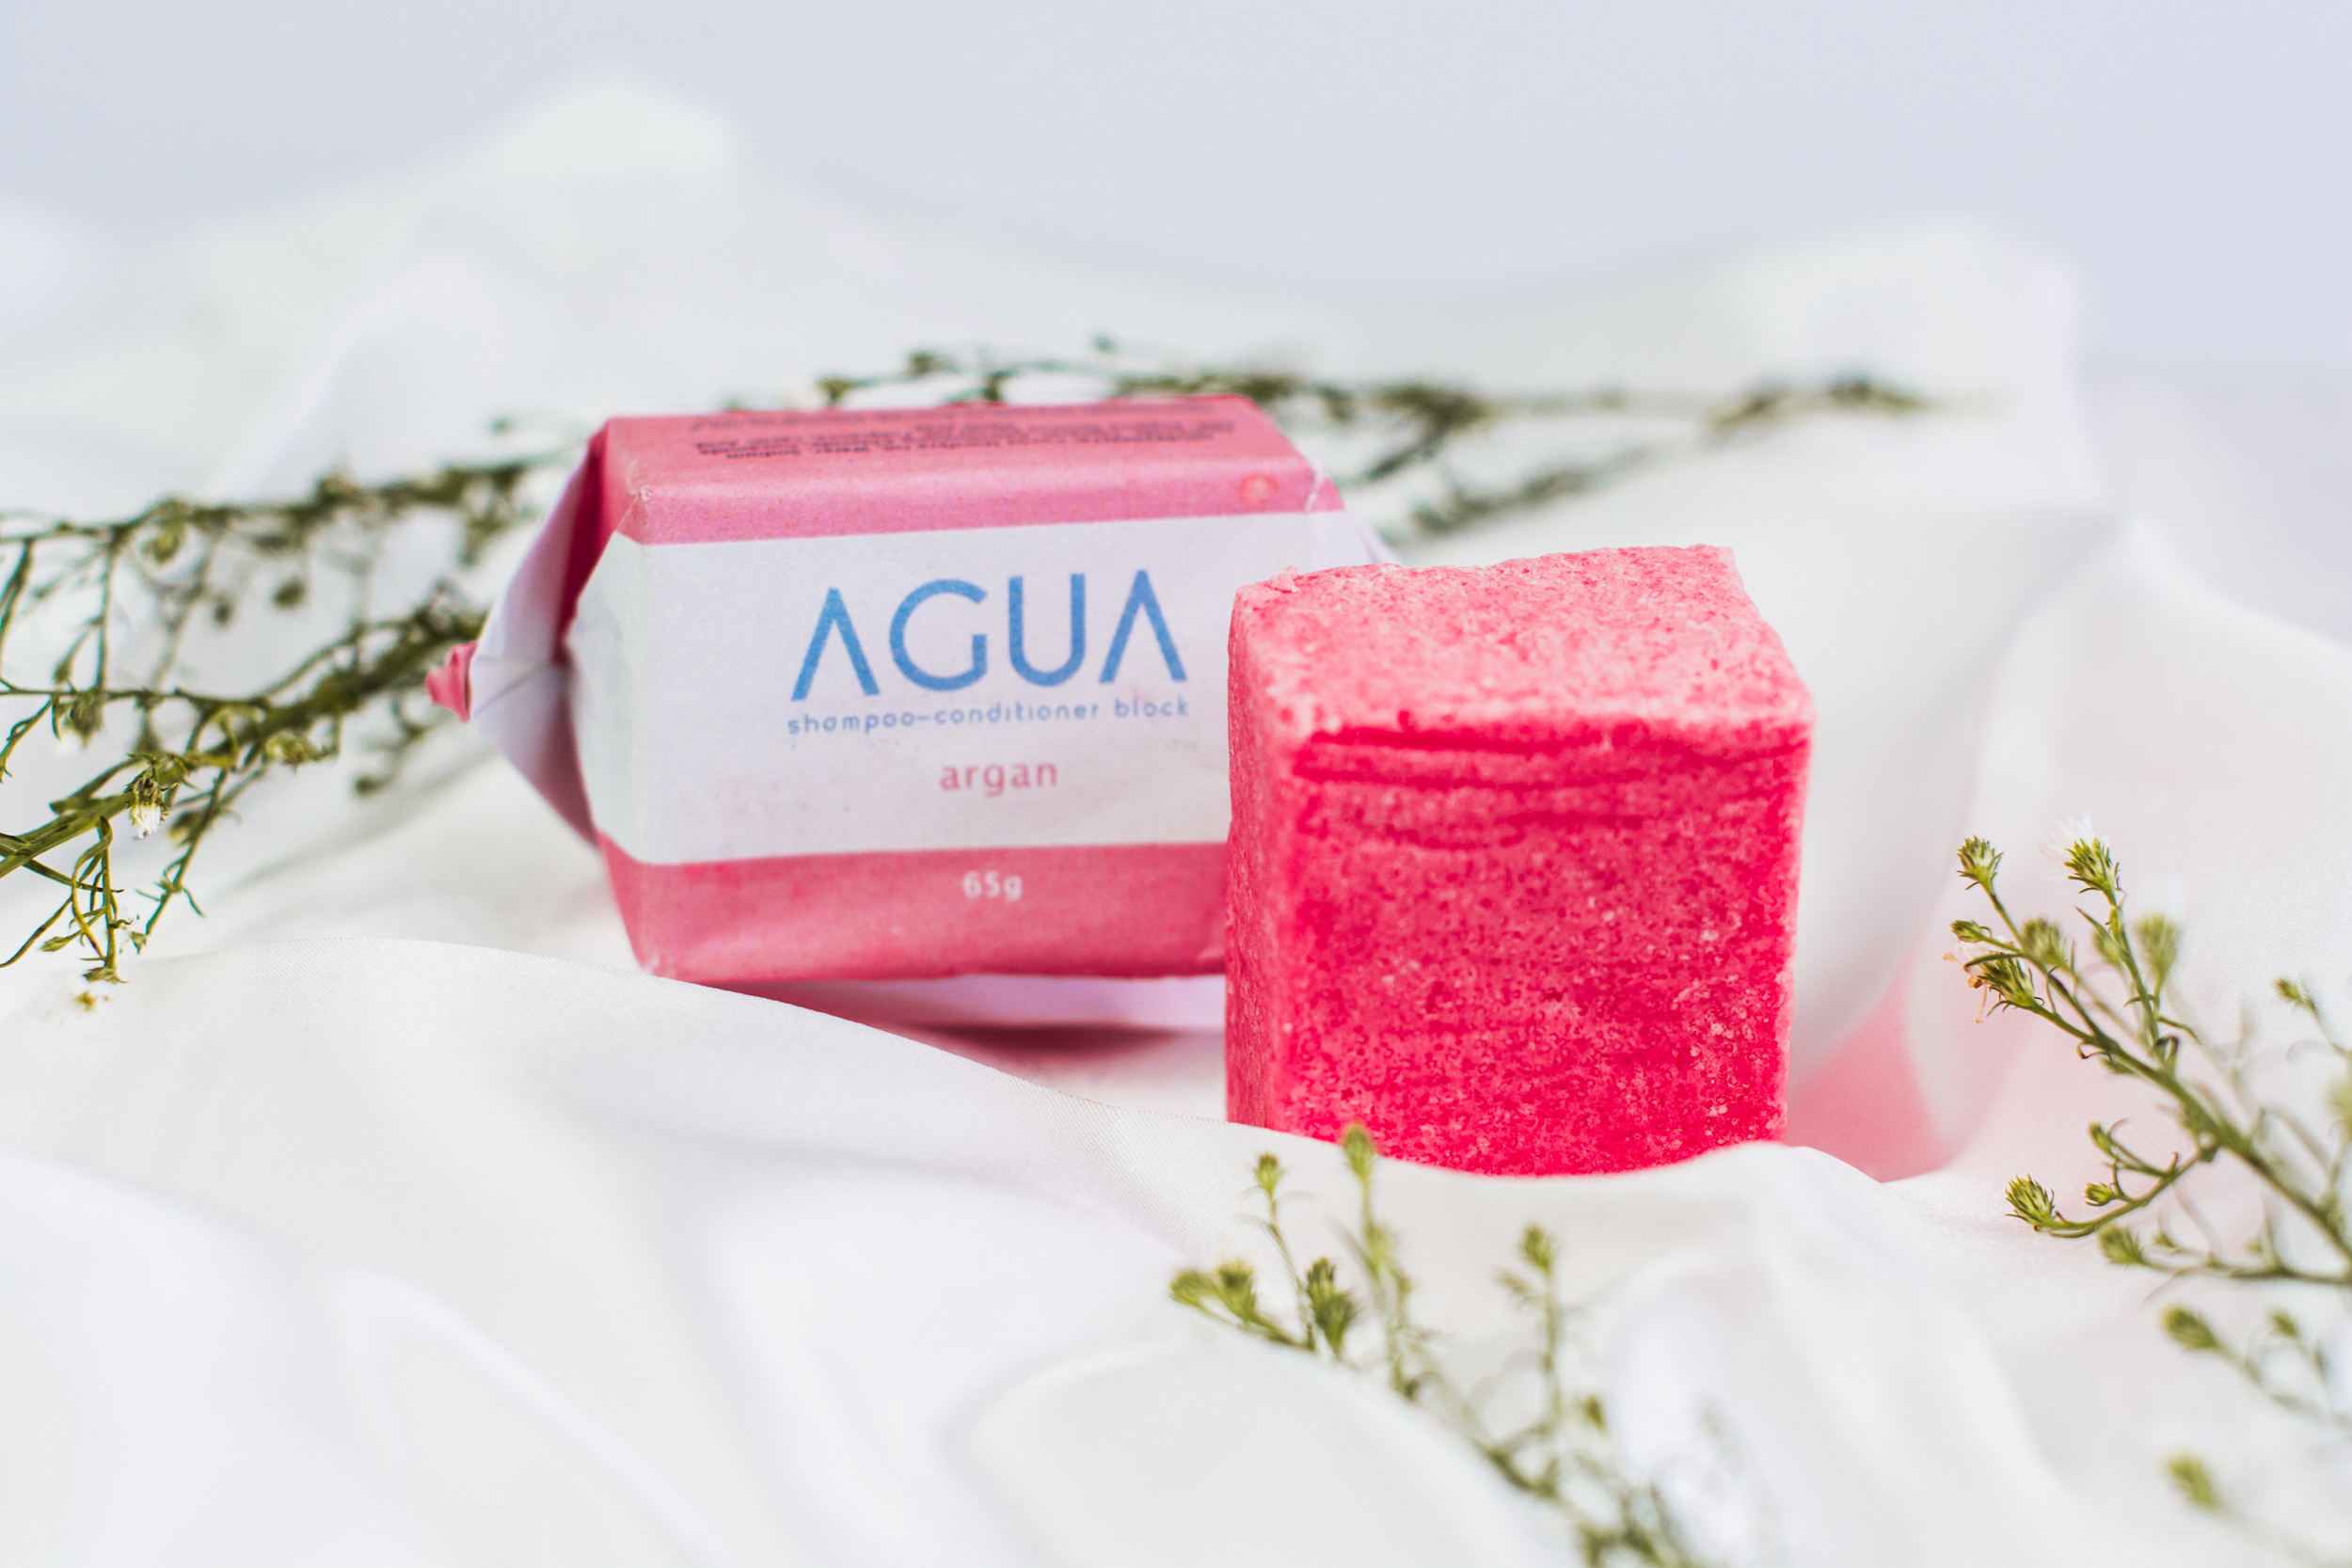 shampoo-bars_lush-beachborn-agua-ecobar_review-philippines_2019-10.JPG